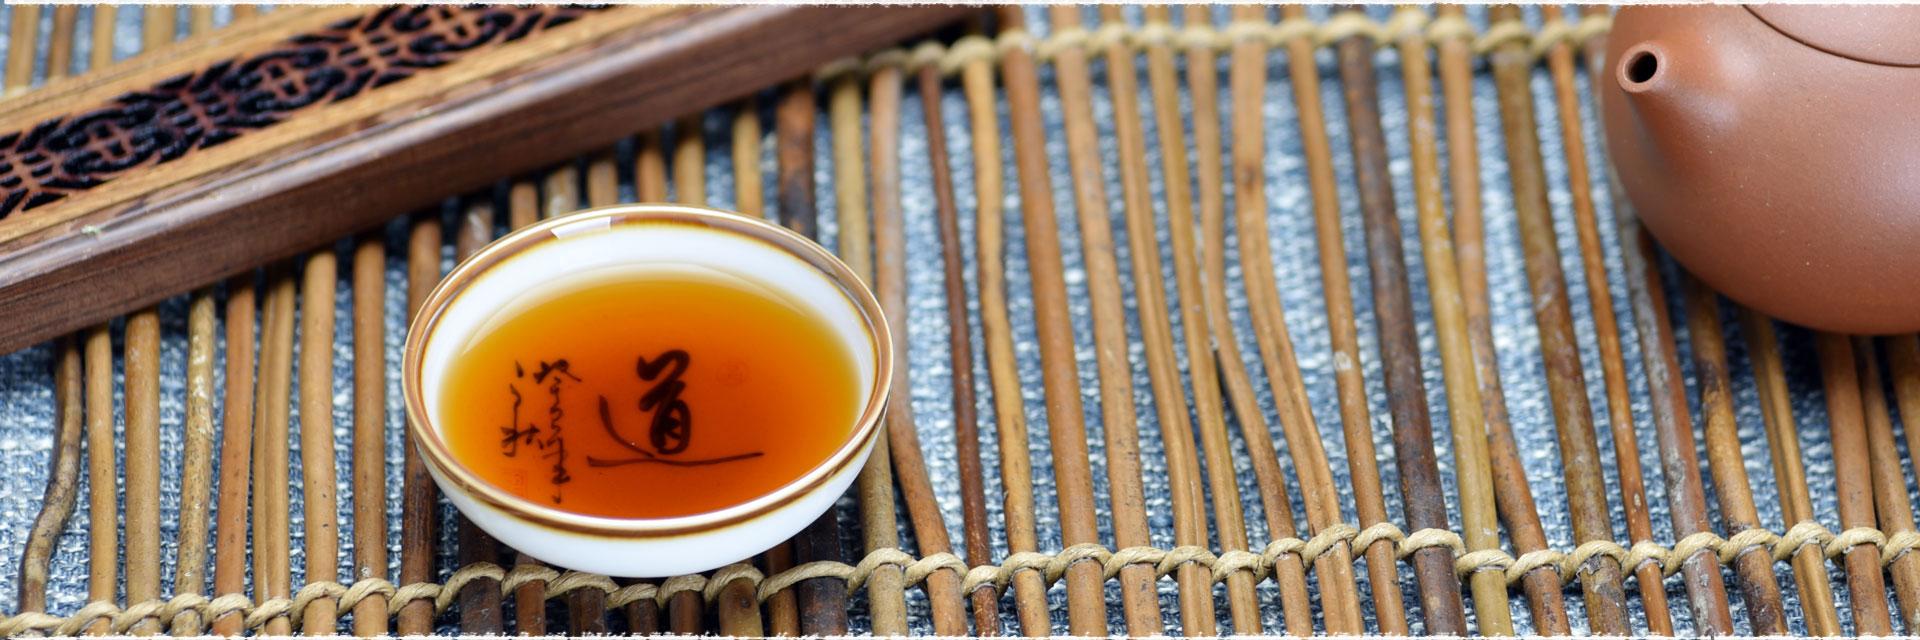 Key Elements for Puerh Tea Quality